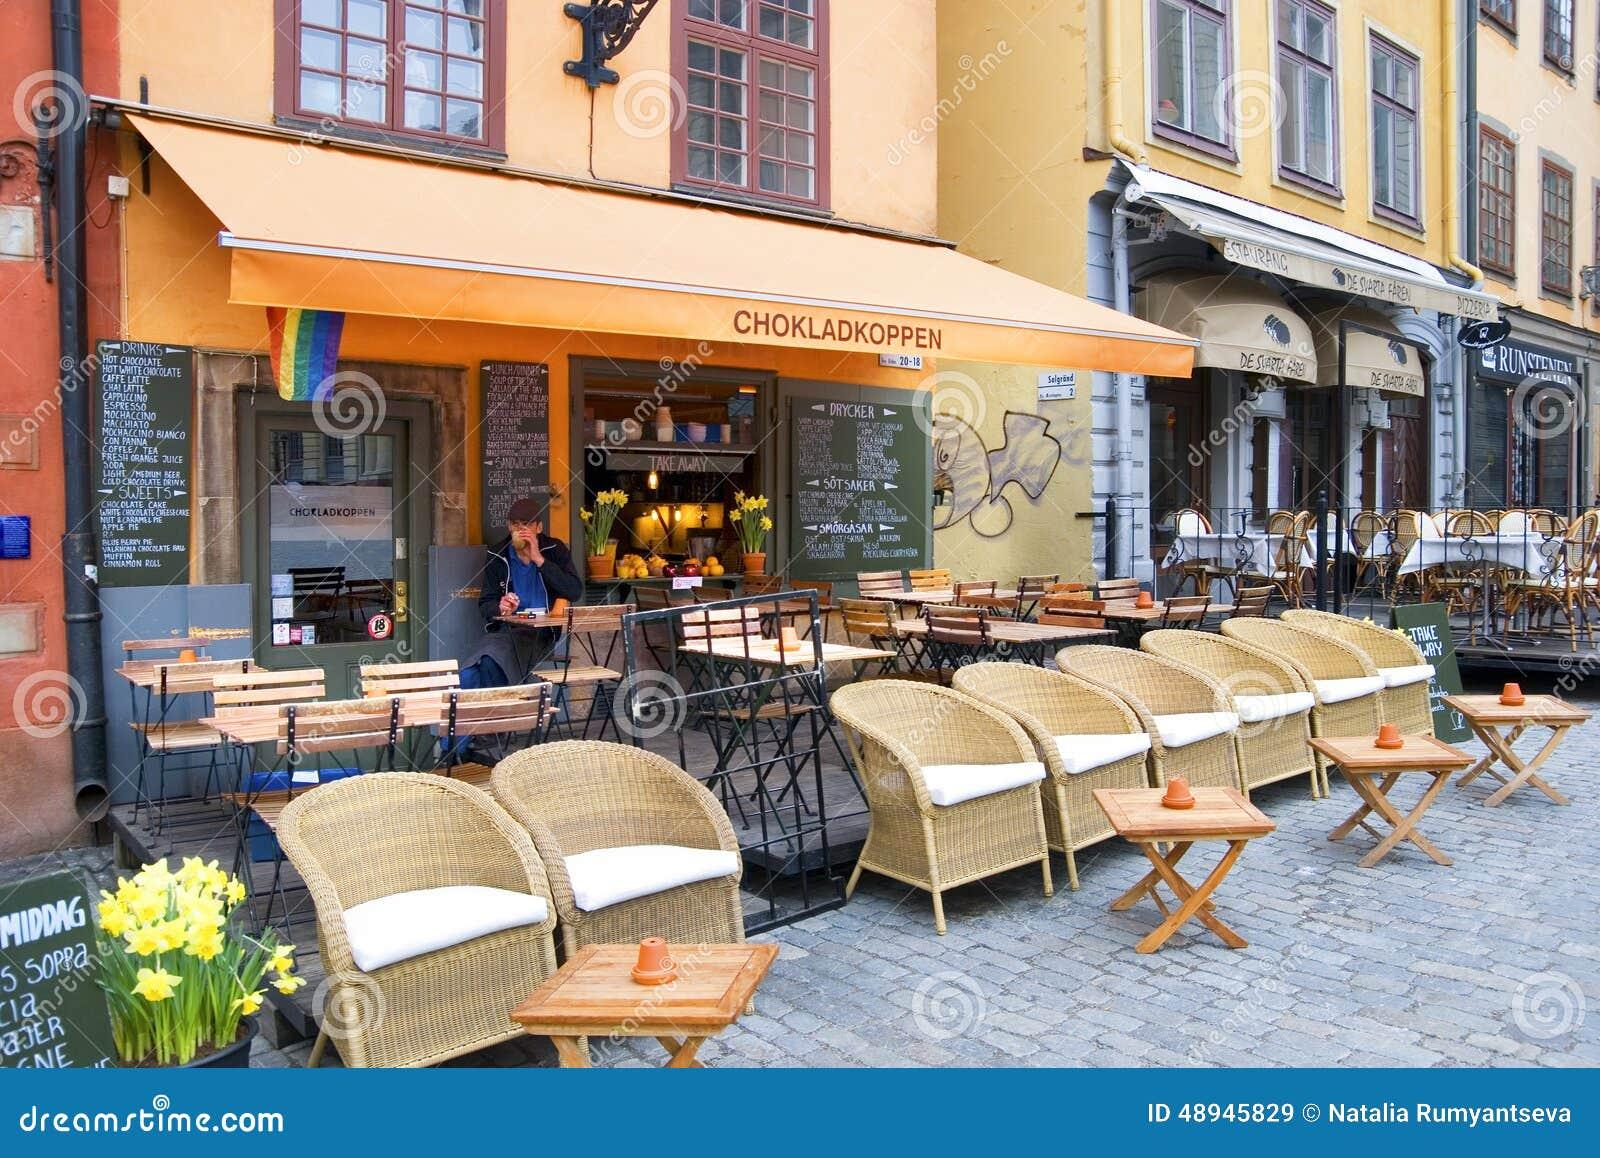 stockholm cafe